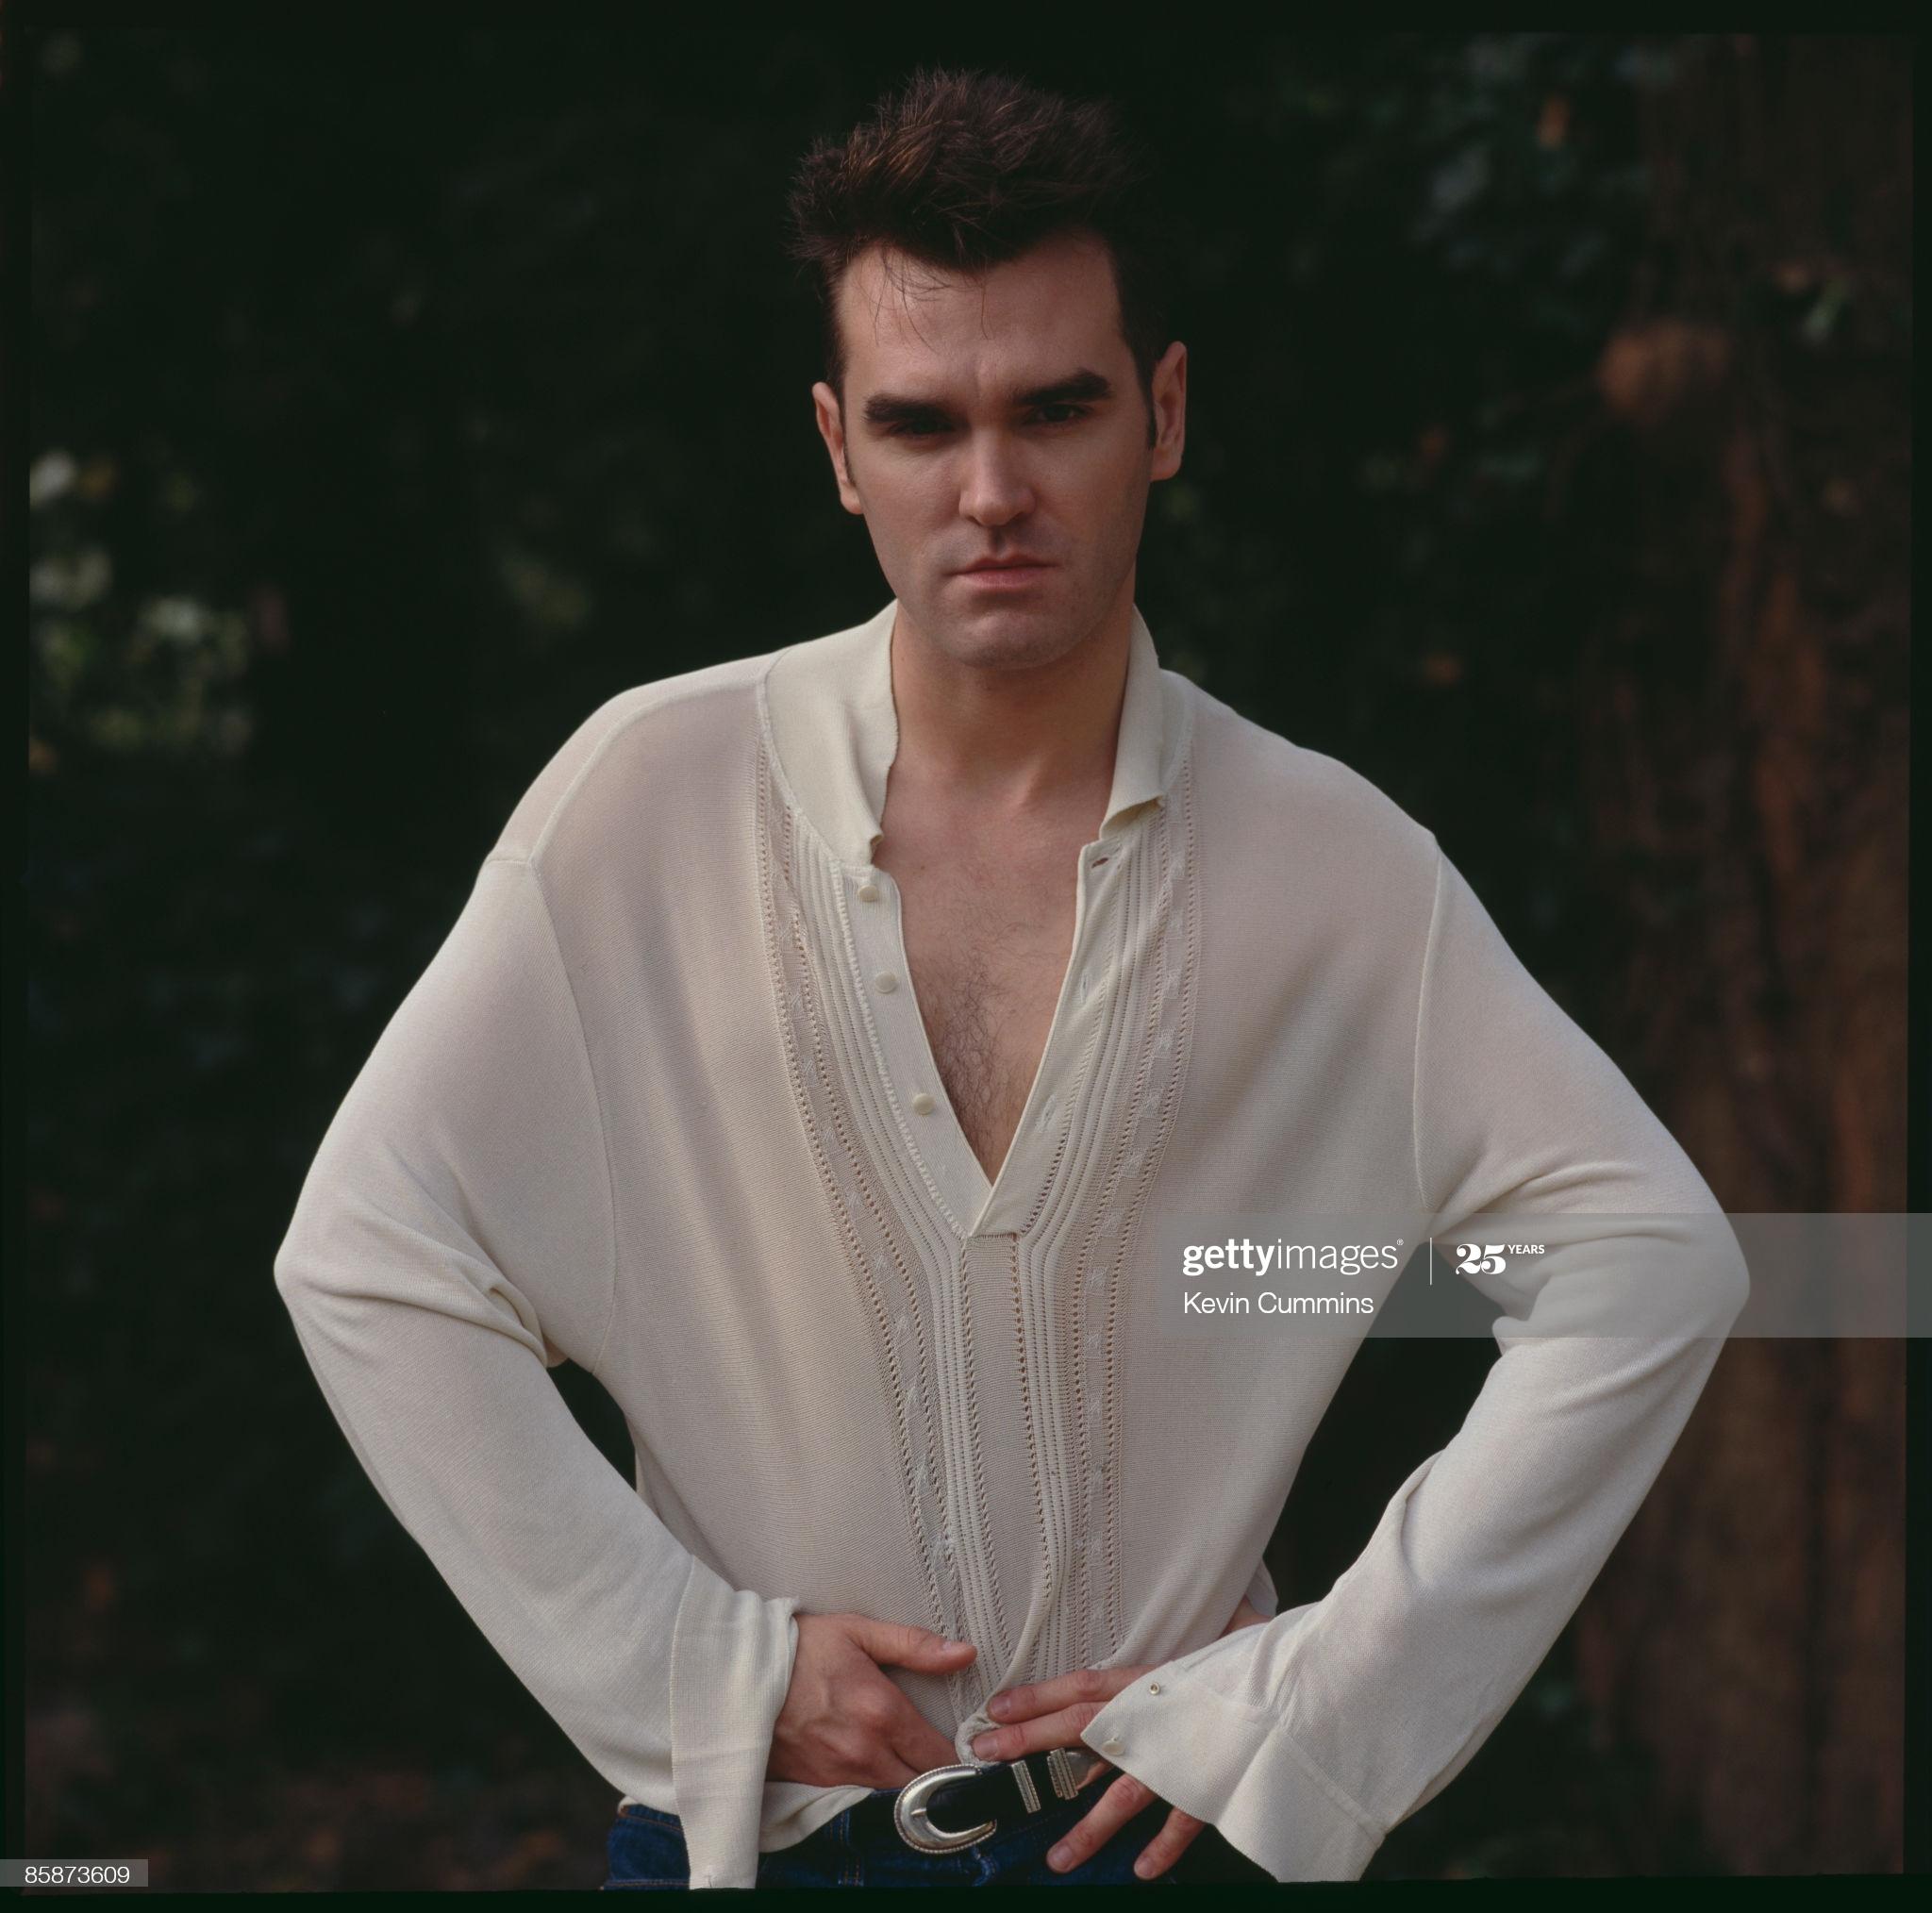 Morrissey ~ Bowdon, 5th September 1991 (v) Kevin Cummins.jpg